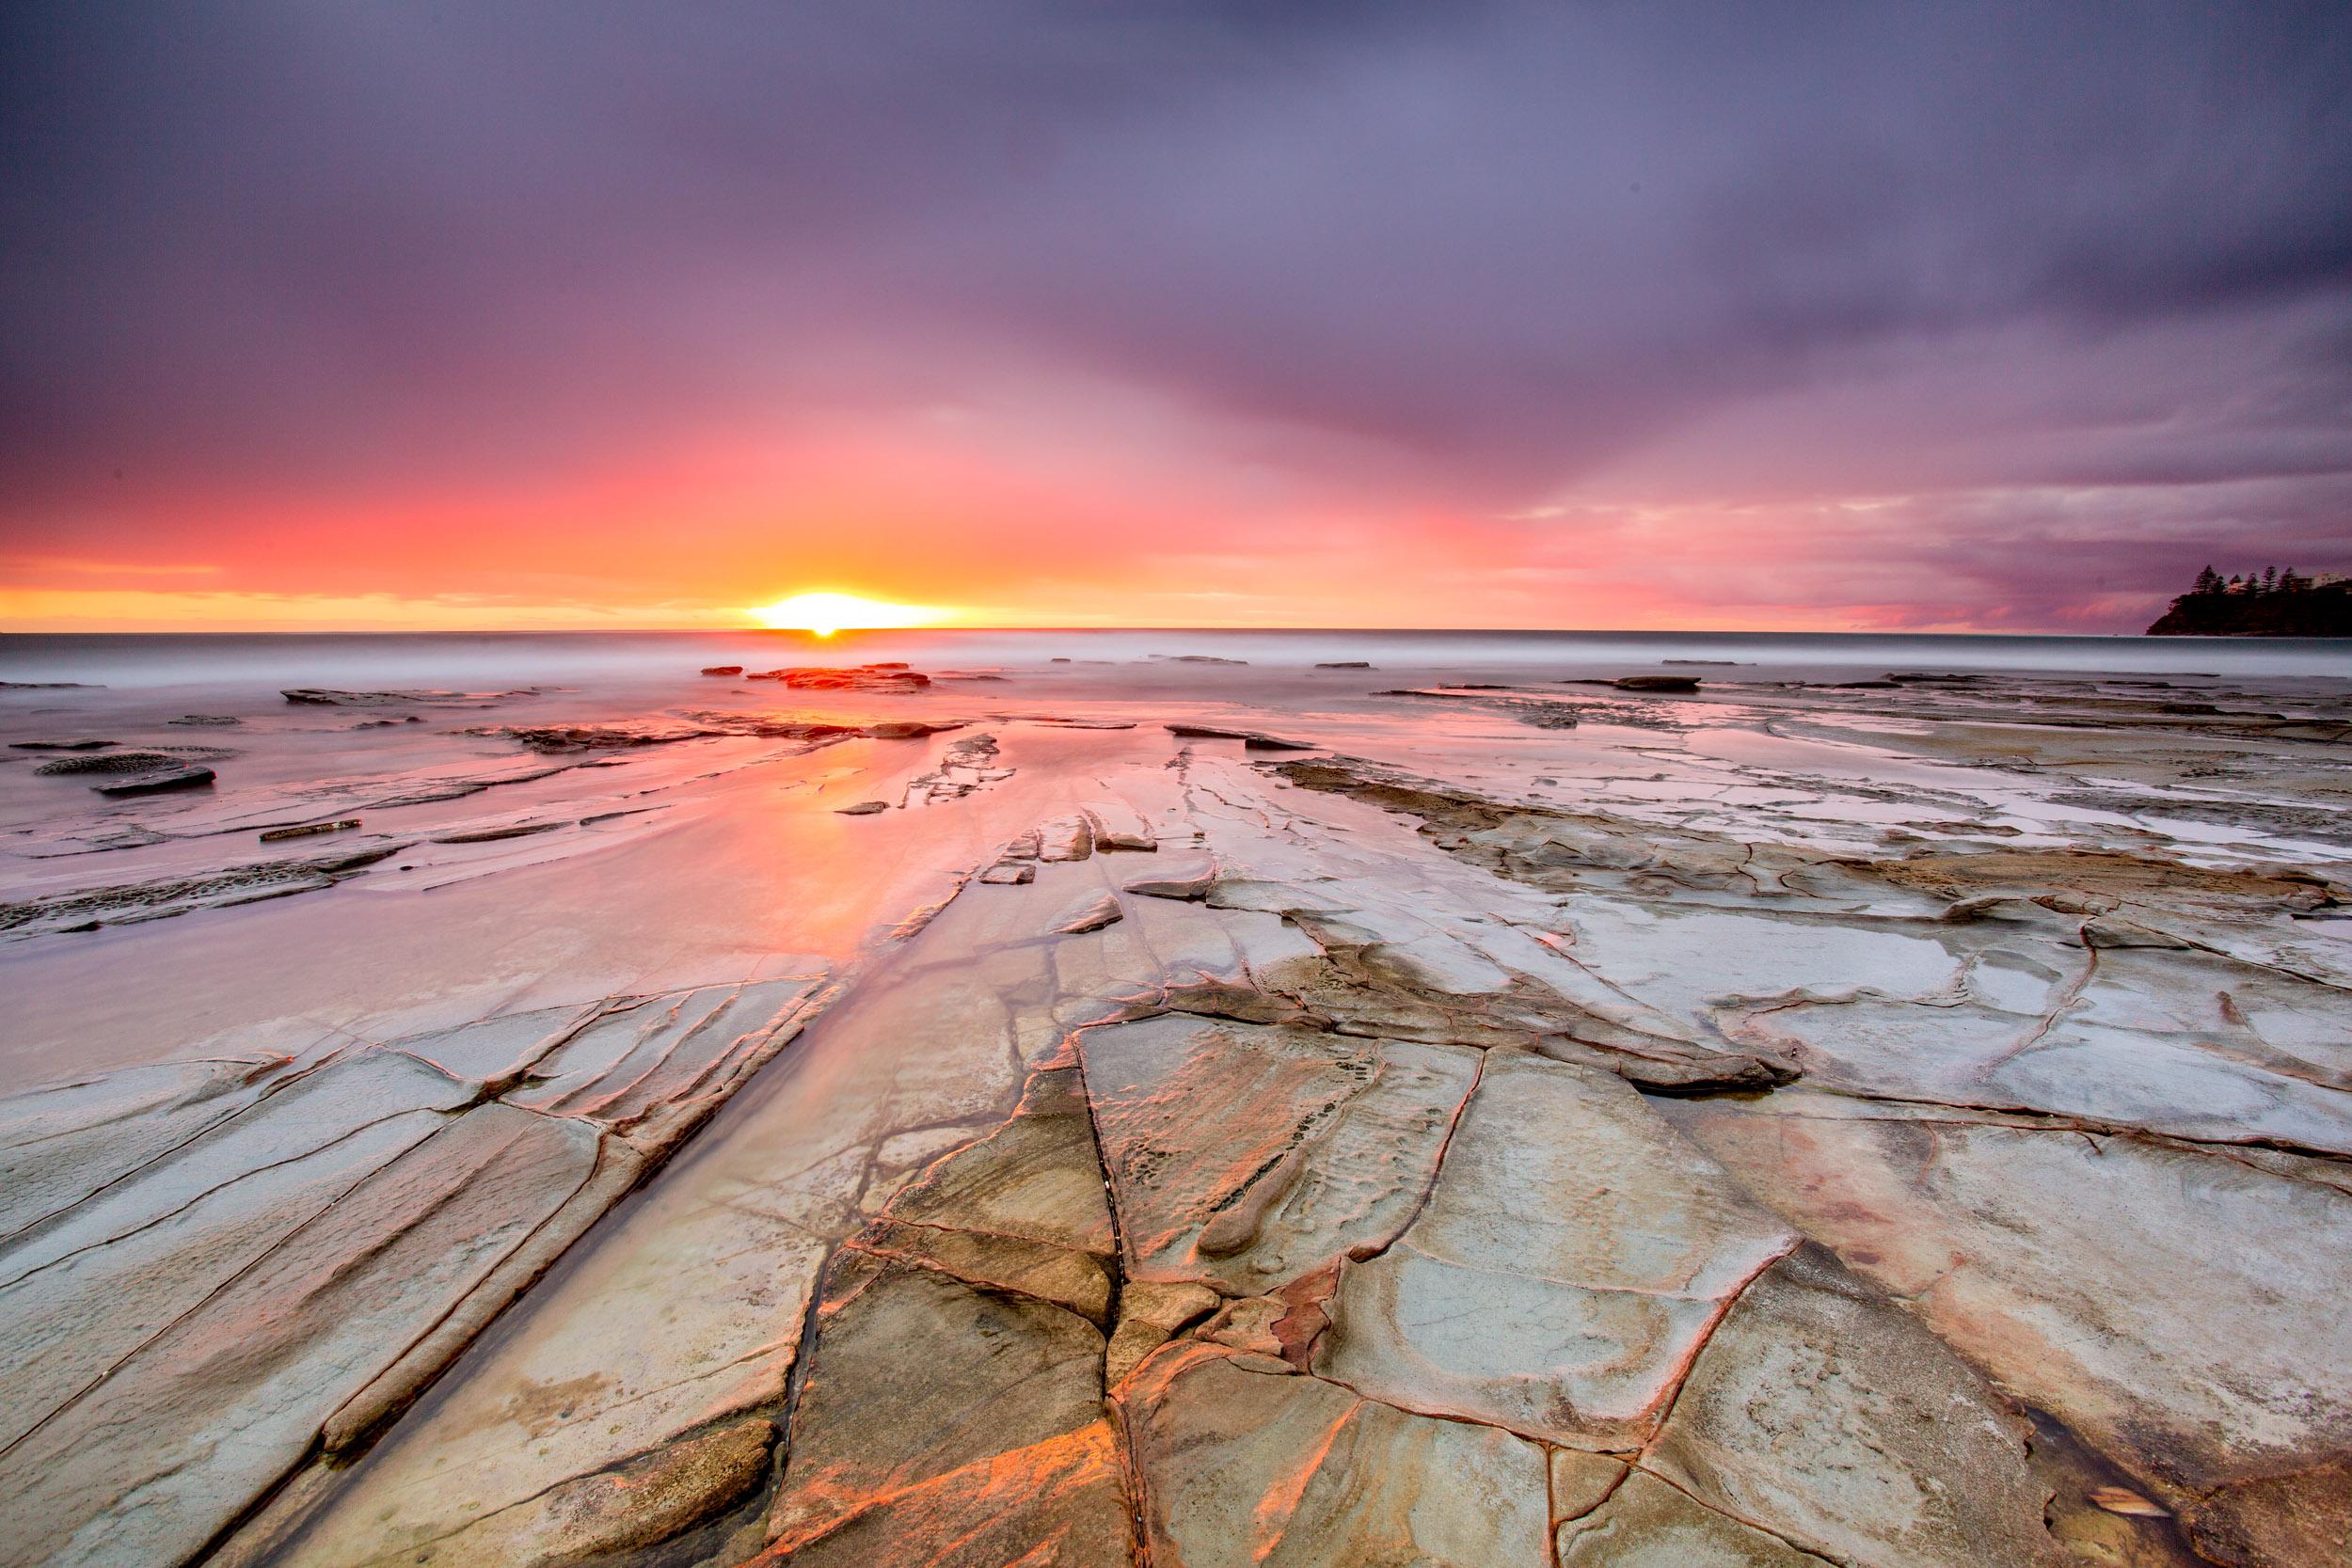 dicky-beach-caloundra-sunshine-coast.jpg